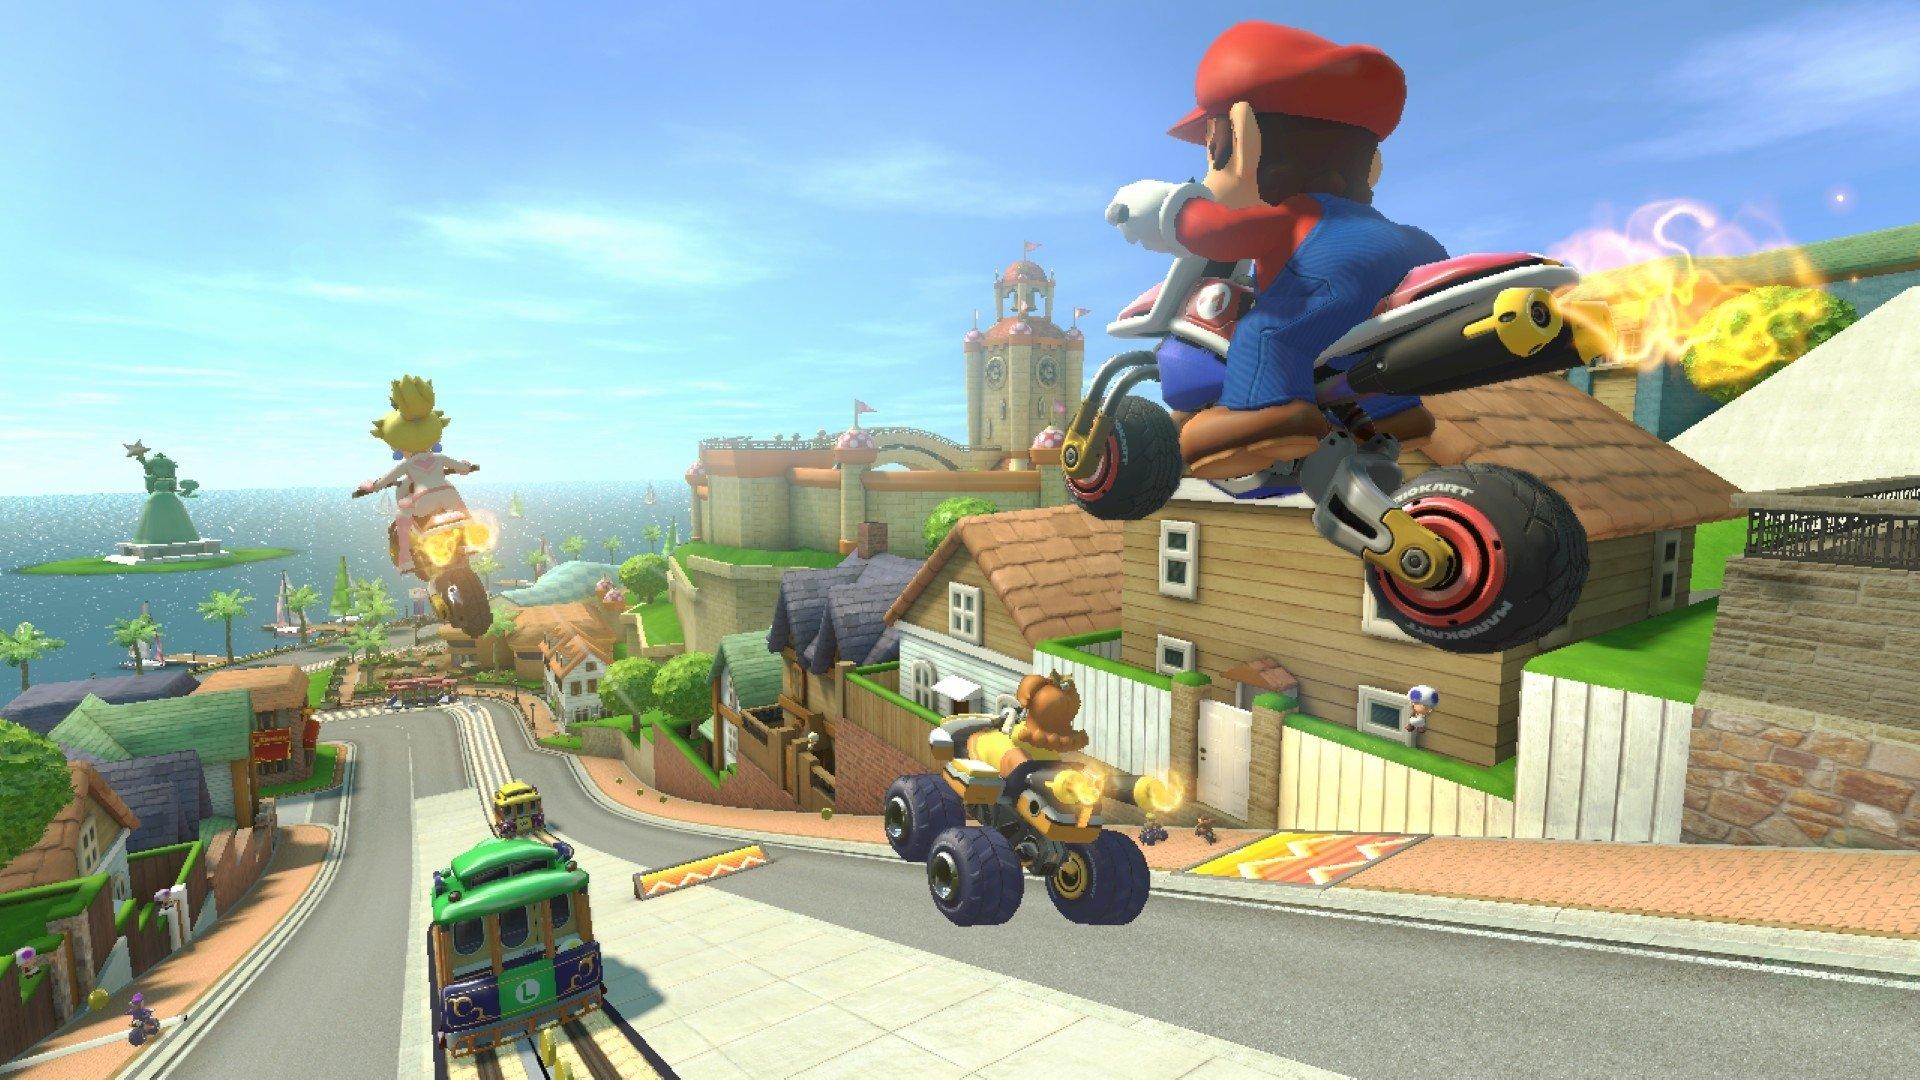 Video Game - Mario Kart 8  Wallpaper